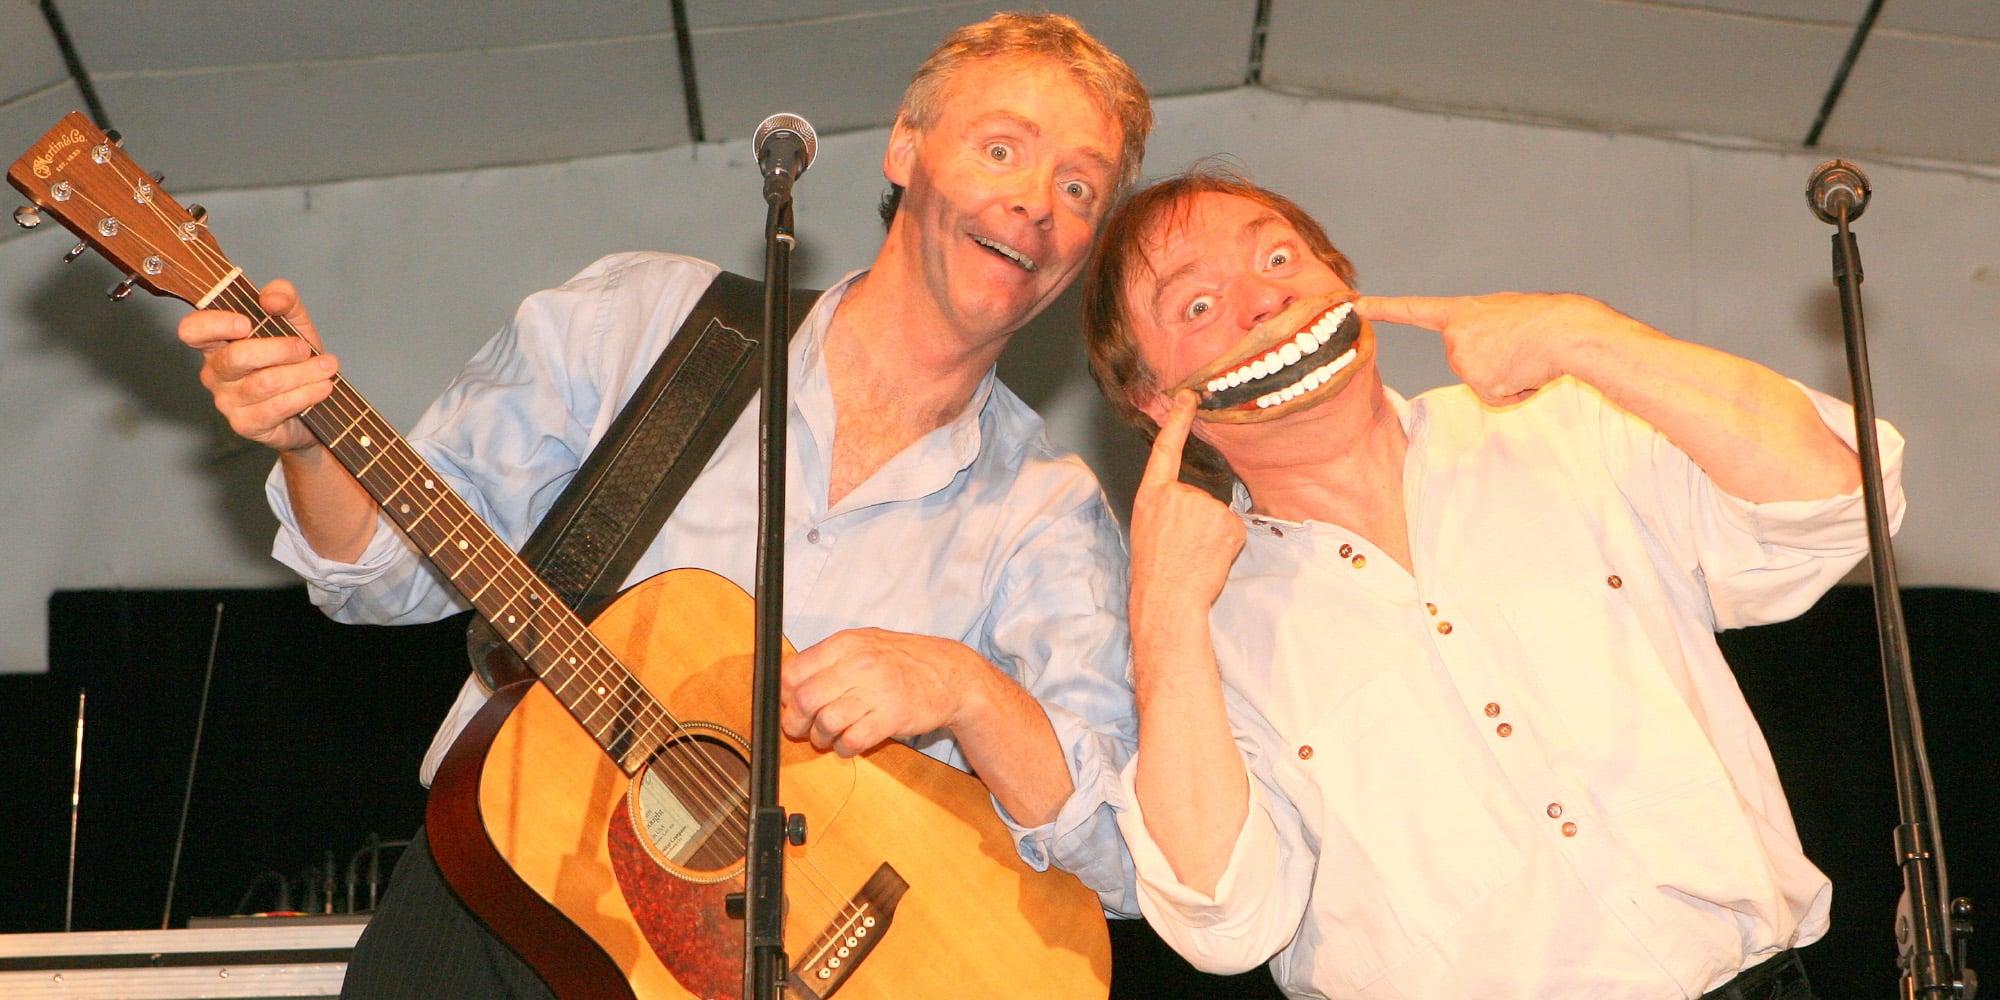 MARKnSIMON - Musik und Comedy - Lachen garantiert